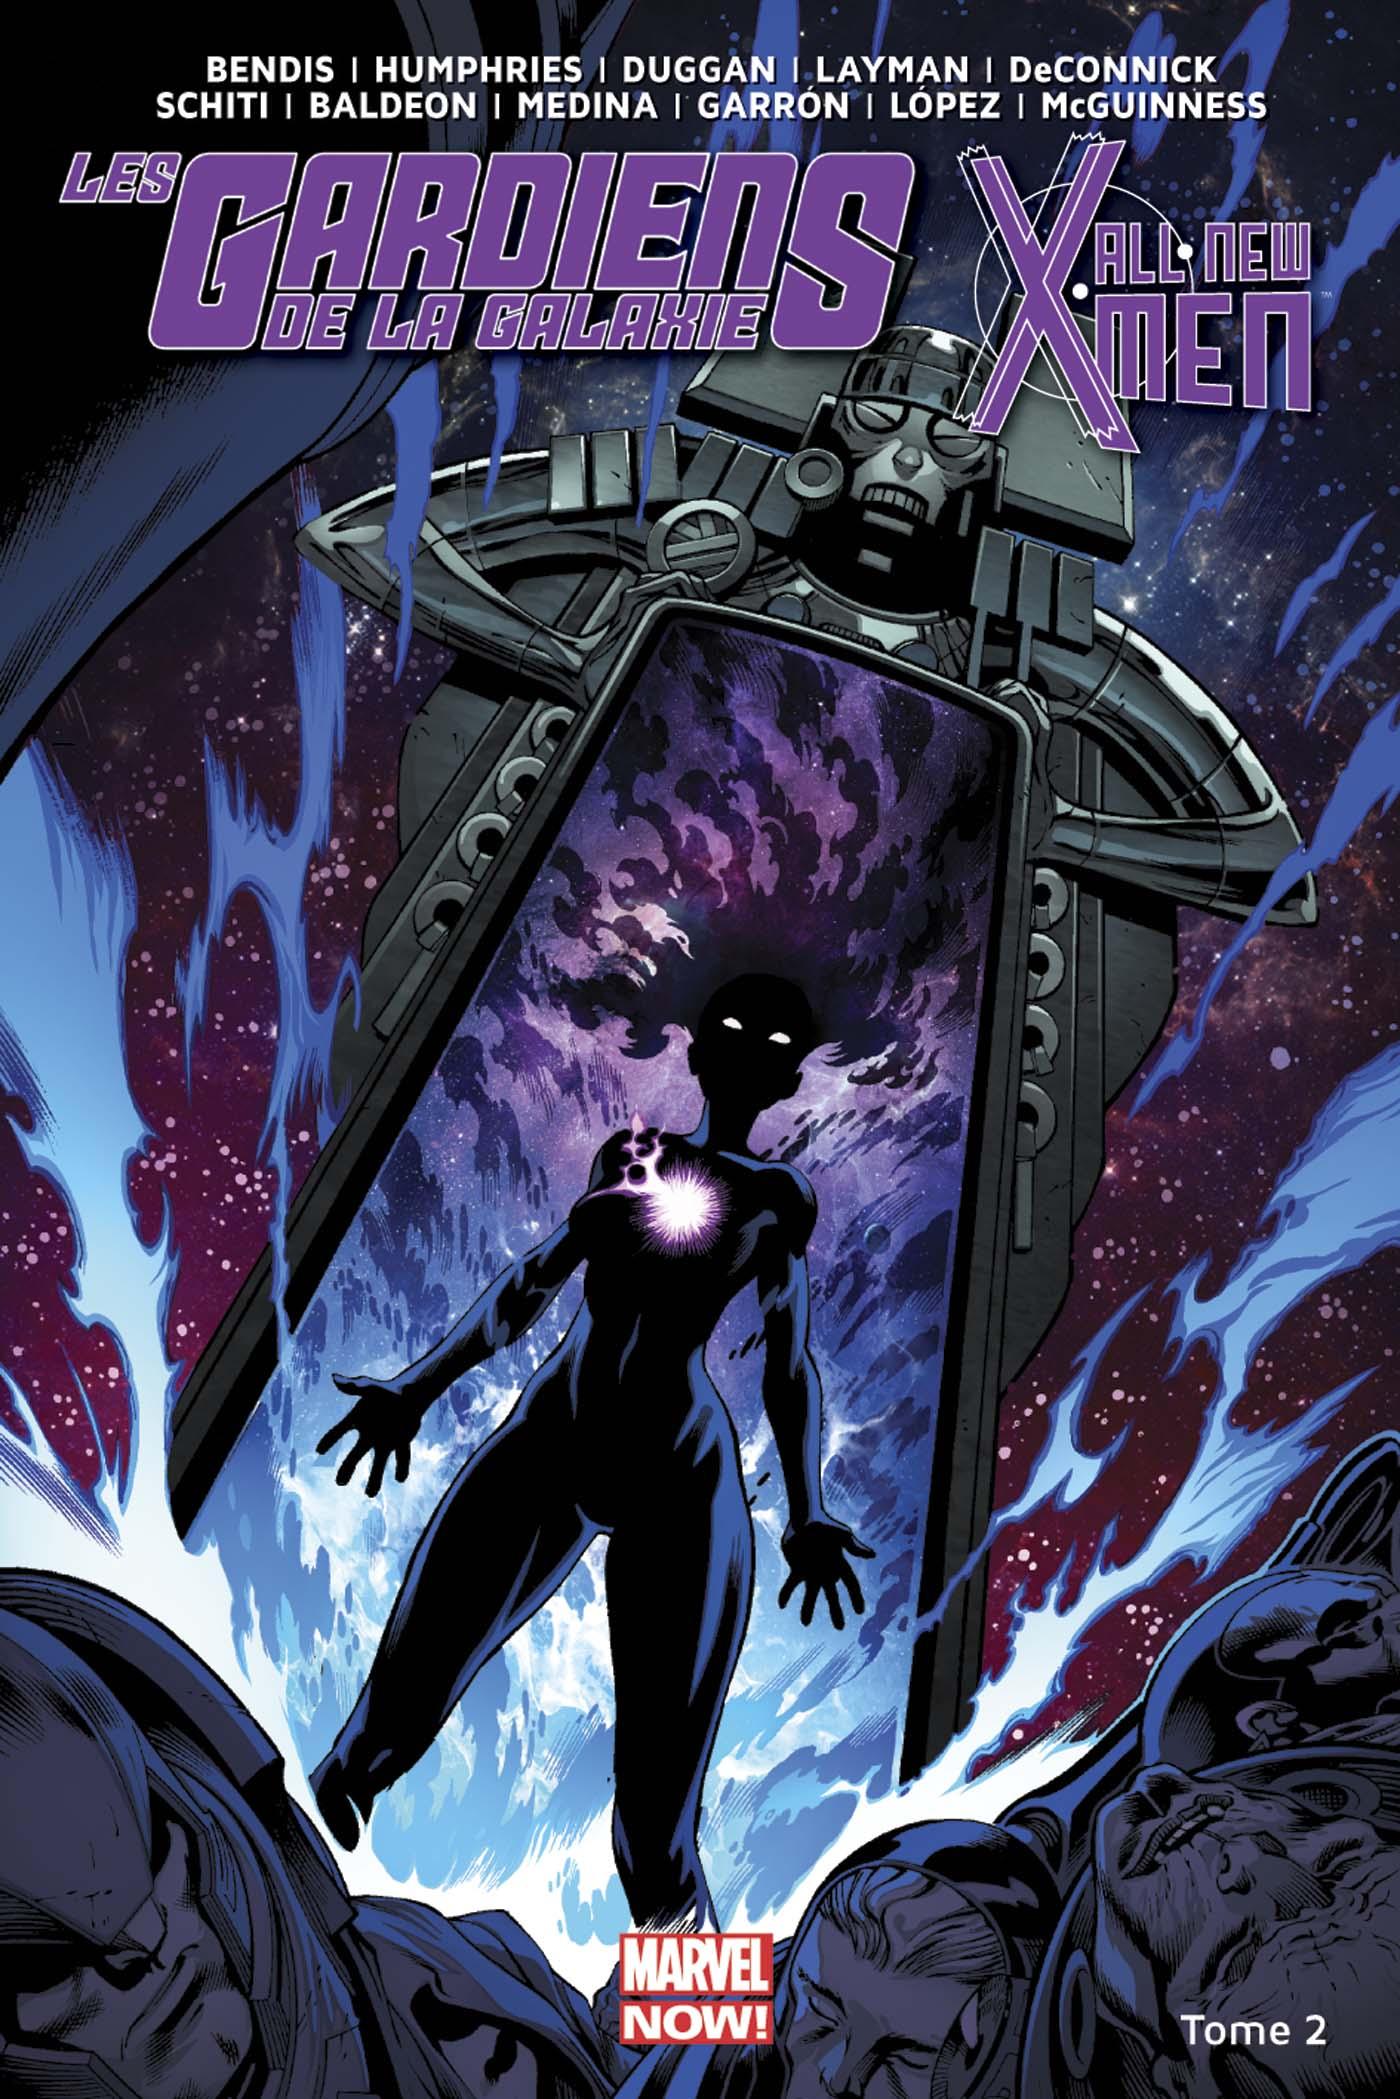 Les Gardiens de la Galaxie / All-New X-Men - Le Vortex Noir 2 - LE VORTEX NOIR 2 (sur 2)